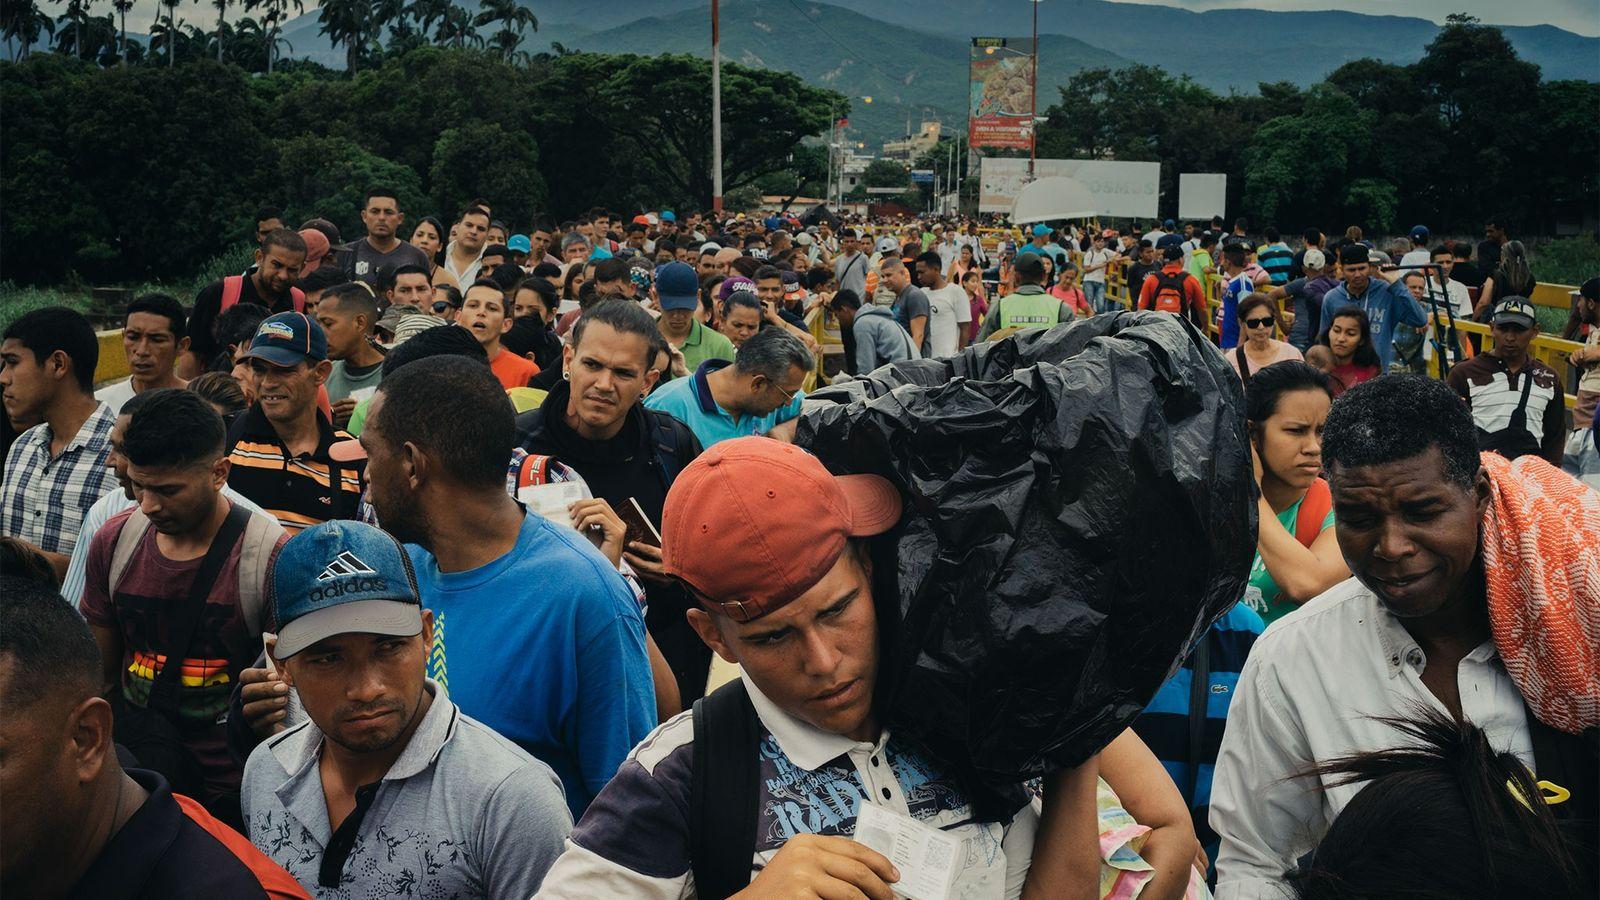 Todos os dias, milhares de refugiados venezuelanos atravessam a ponte Simón Bolívar em Cúcuta, na Colômbia.